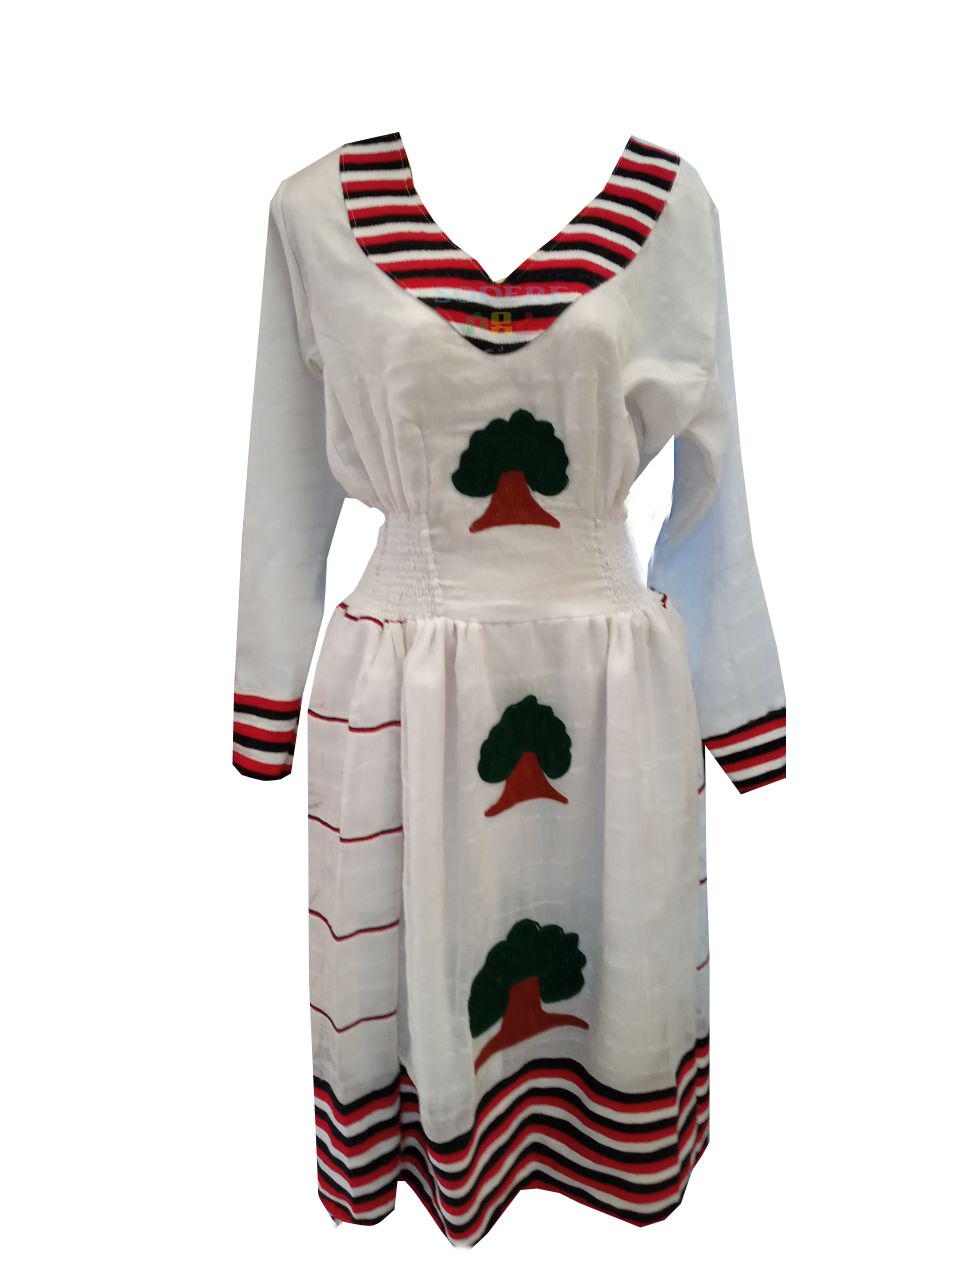 የኦሮሞ ባህላዊ ልብስ Oromo Traditional Clothes